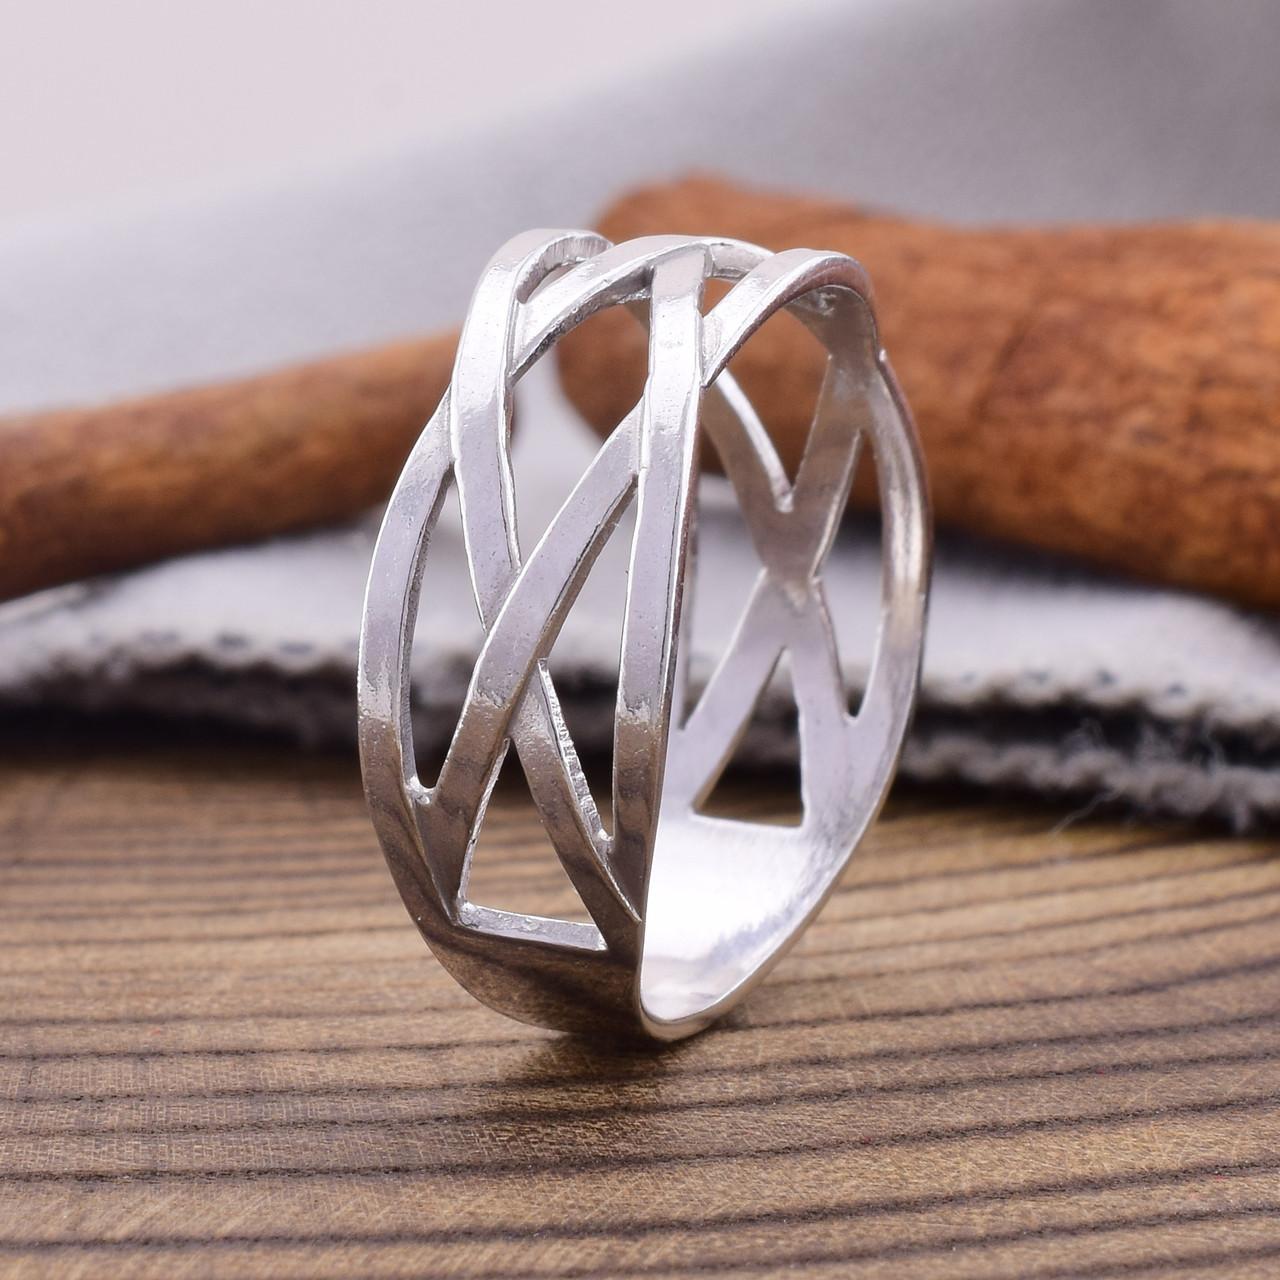 Серебряное кольцо Зигзаг удачи вес 2.3 г размер 20.5